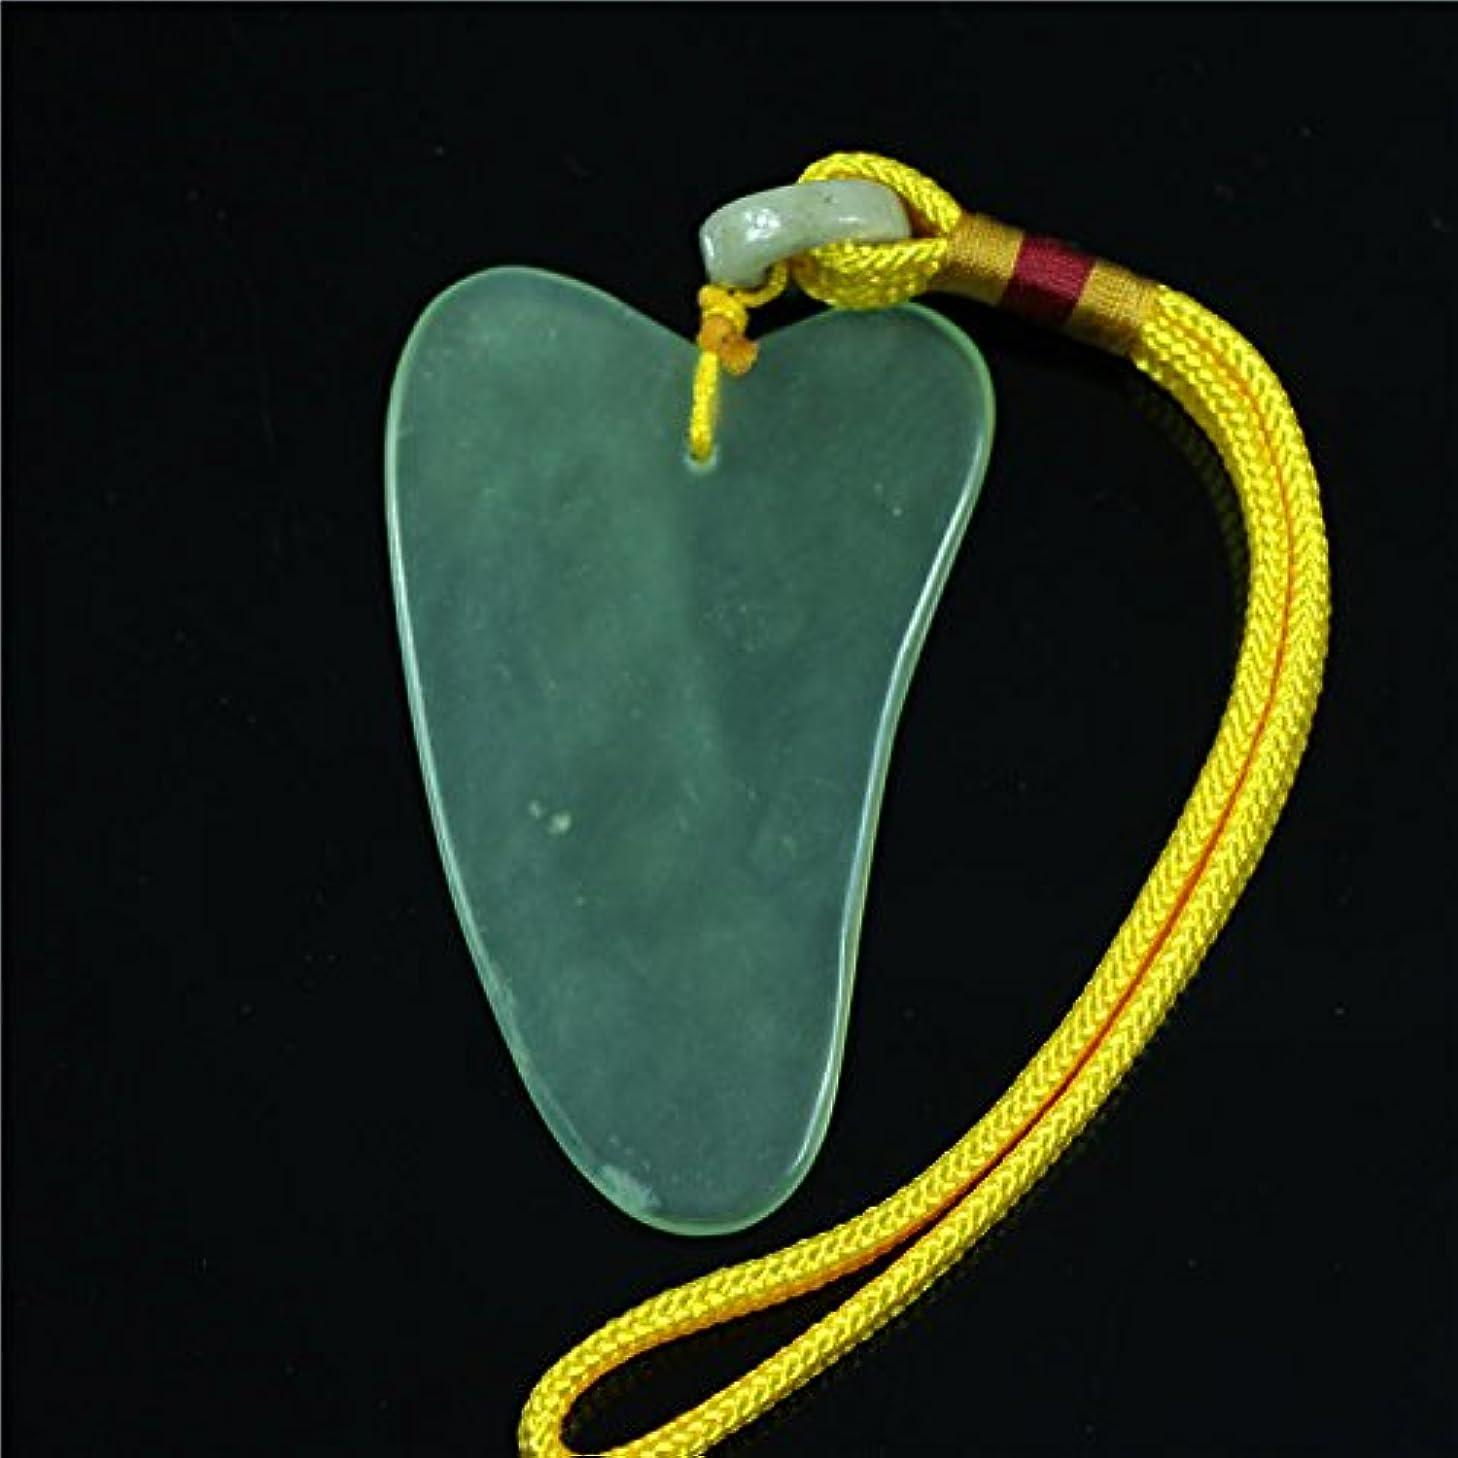 アリ徹底暗唱するFace / Body Massage Natural Jade Boardかっさプレート 天然石 翡翠(顔?ボディのリンパマッサージ) (かっさプレートH)